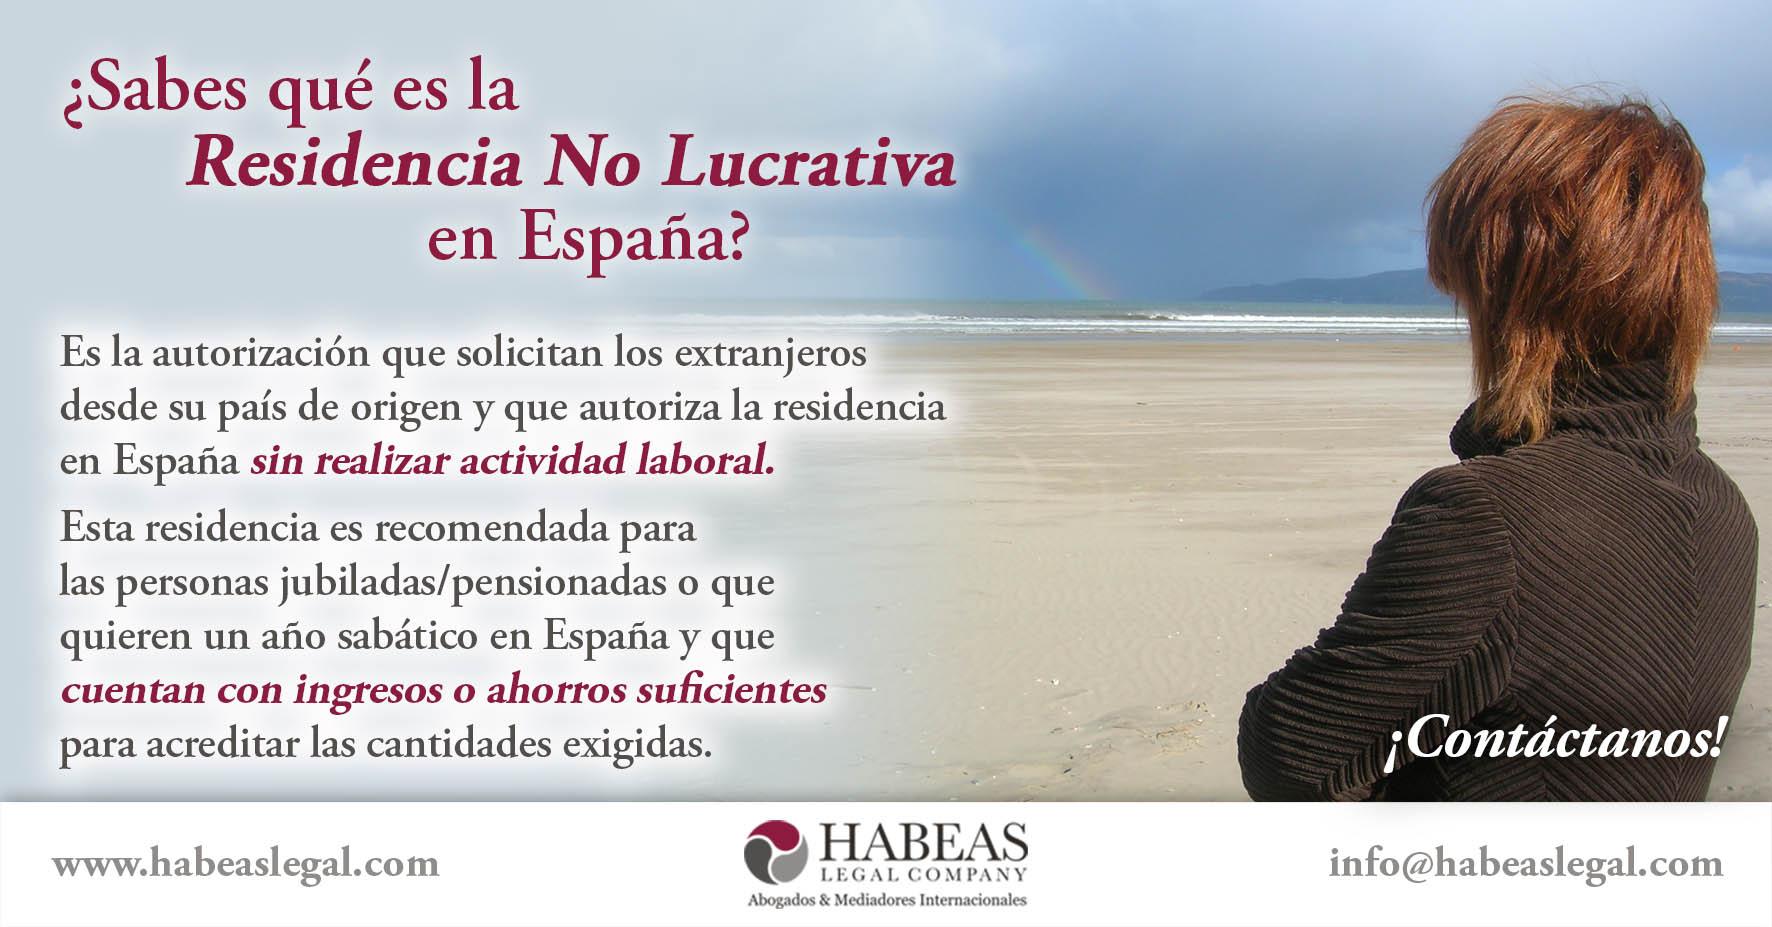 La Residencia No Lucrativa es unaautorización que solicitan los extranjeros desde su país de origen que autoriza a residir en España sin realizar actividad laboral.